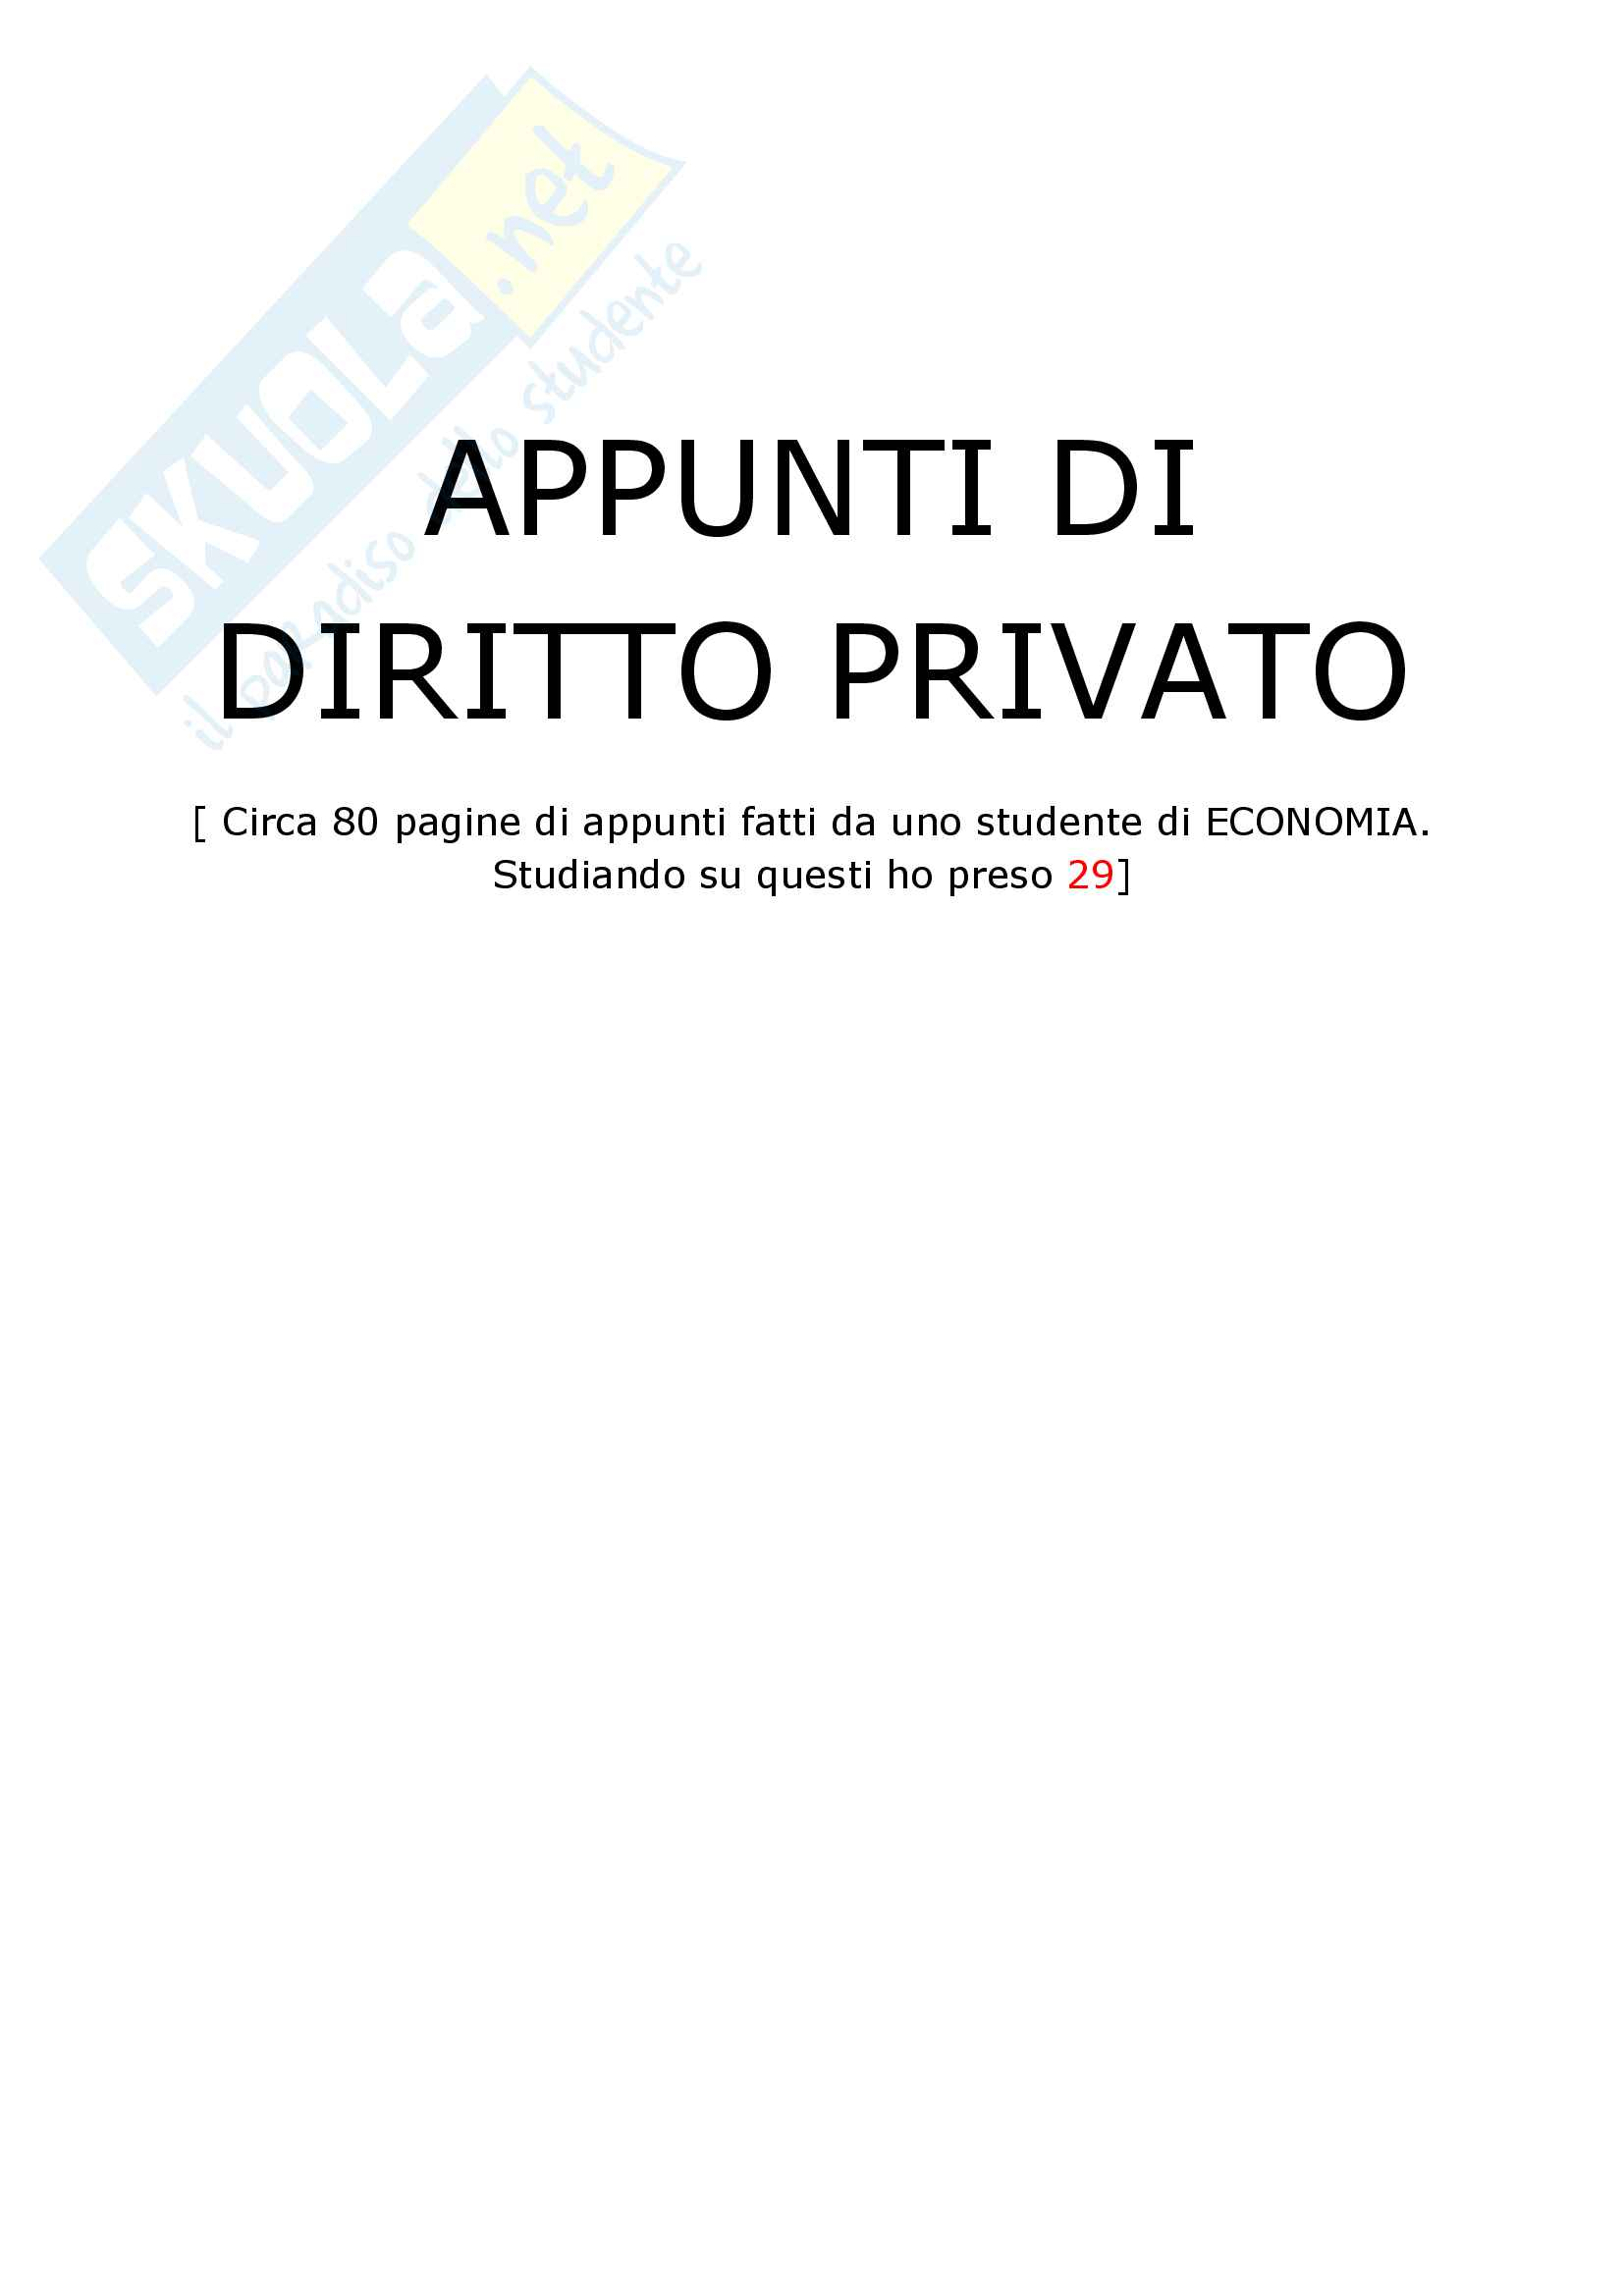 appunto F. Mucciarelli Diritto privato